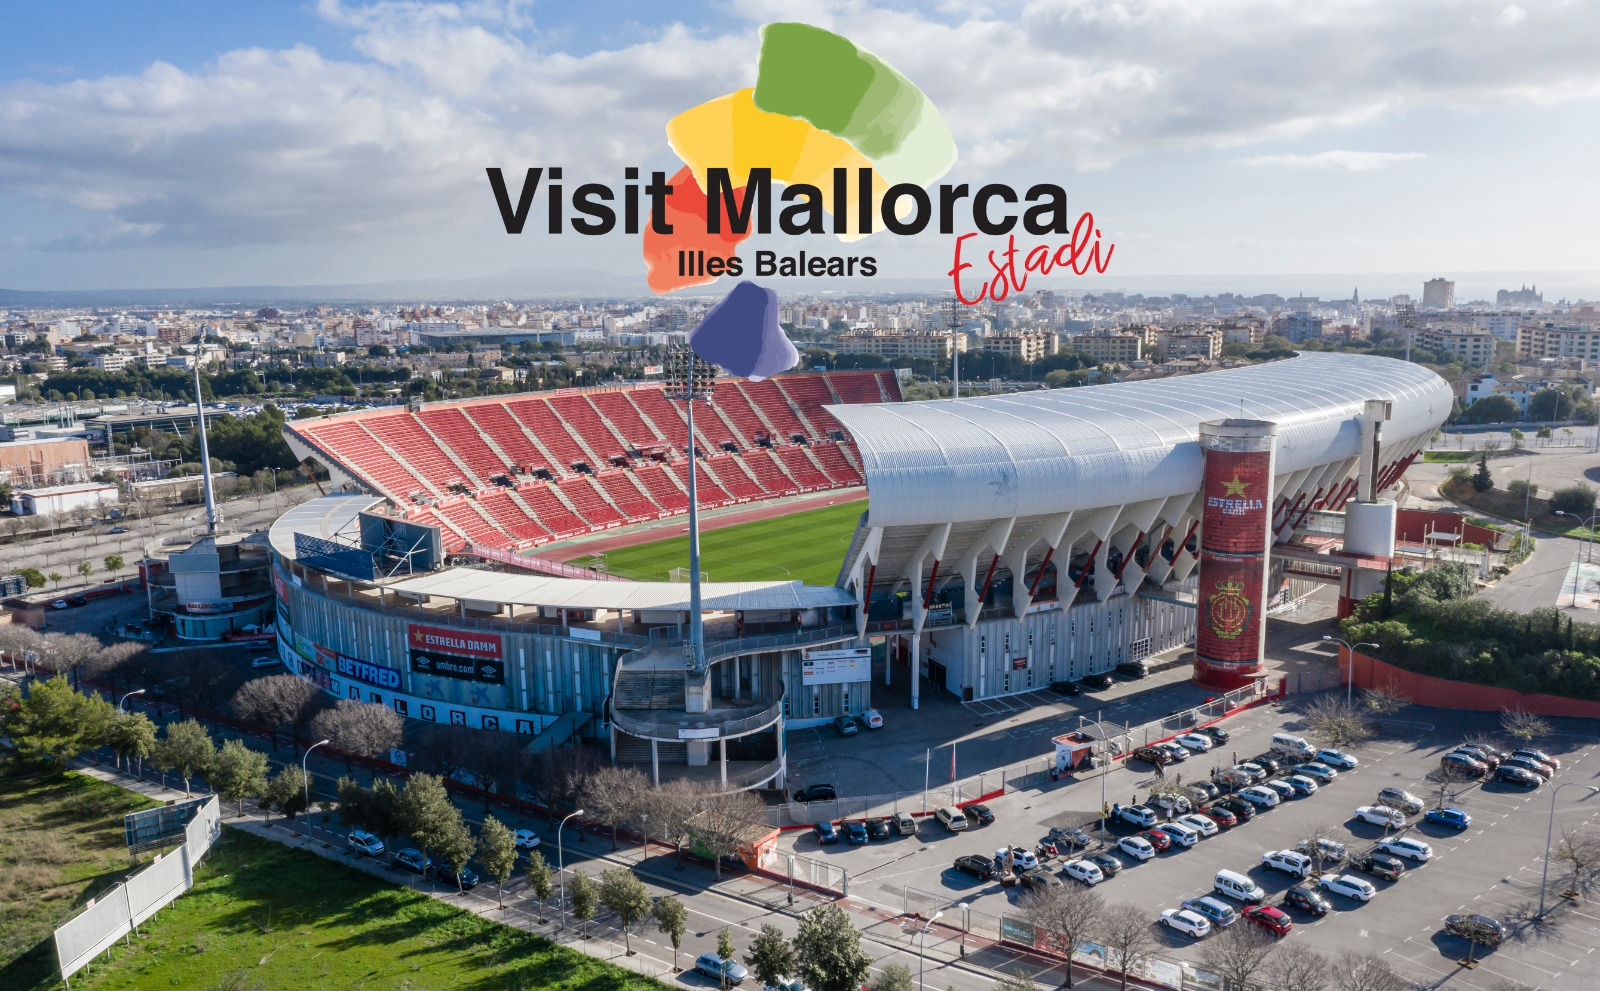 Mallorca rename their stadium the 'Visit Mallorca Estadi' to promote tourism to the island